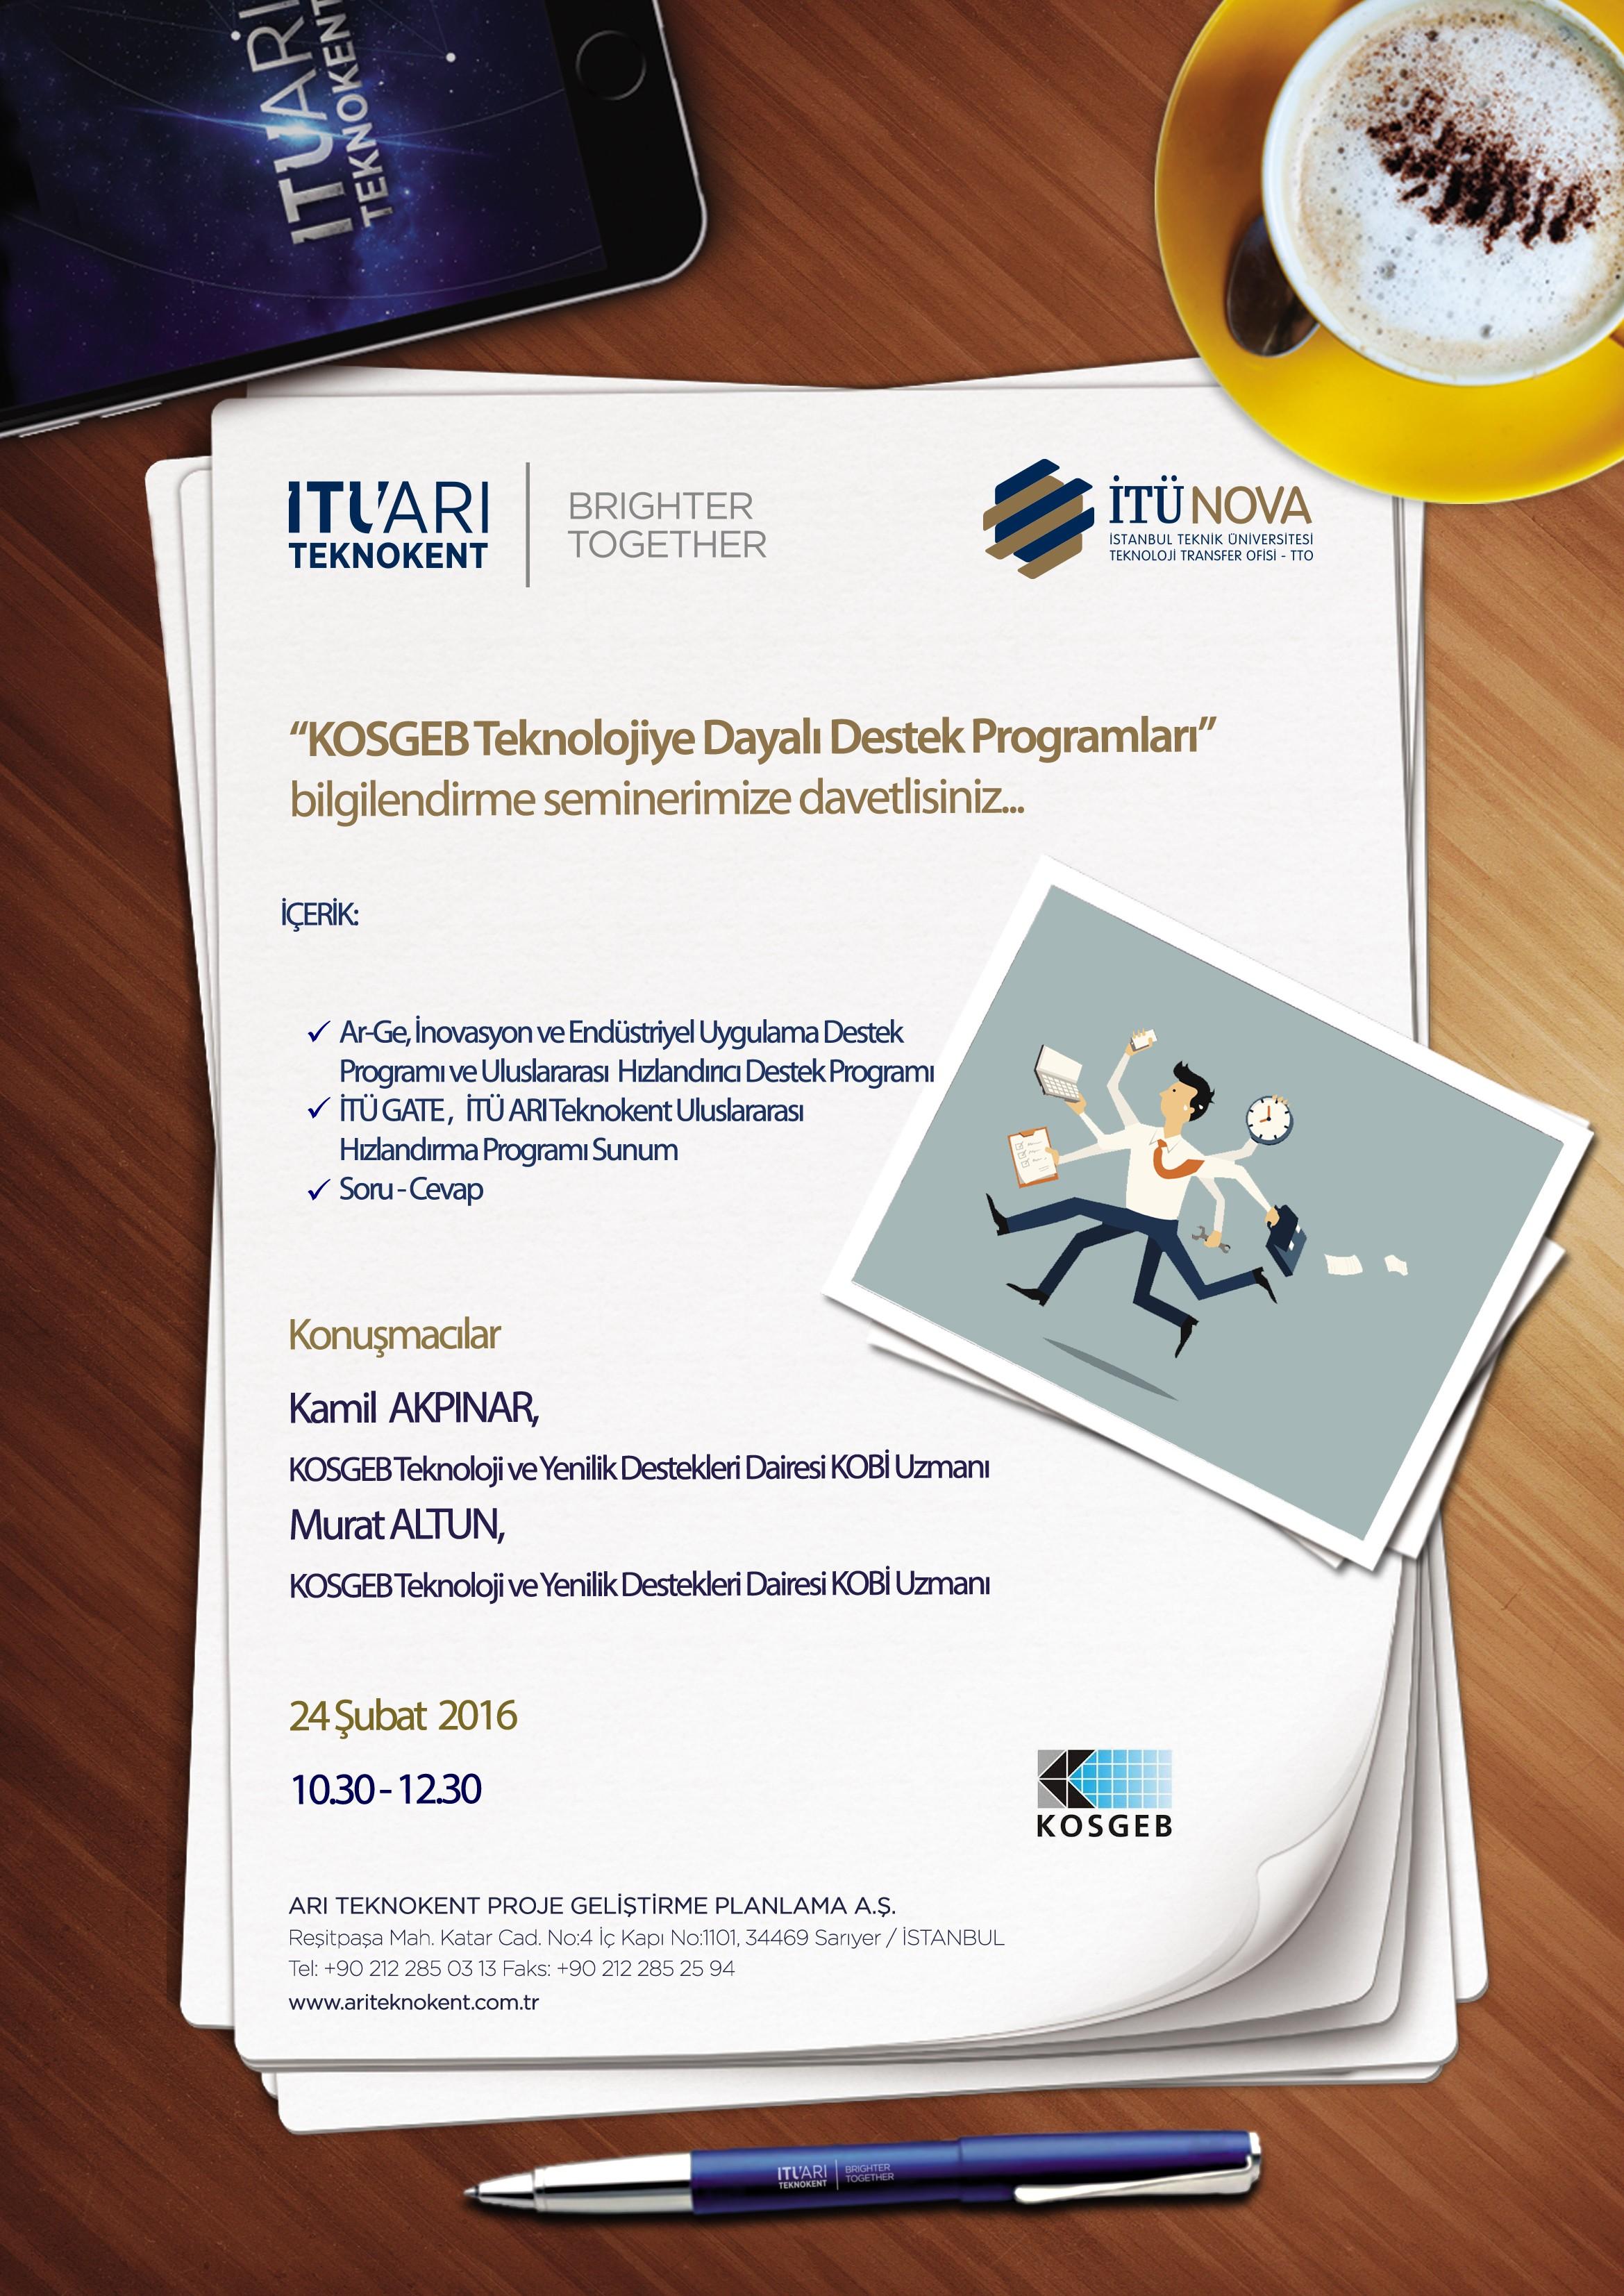 KOSGEB Teknolojiye Dayalı Destek Programları